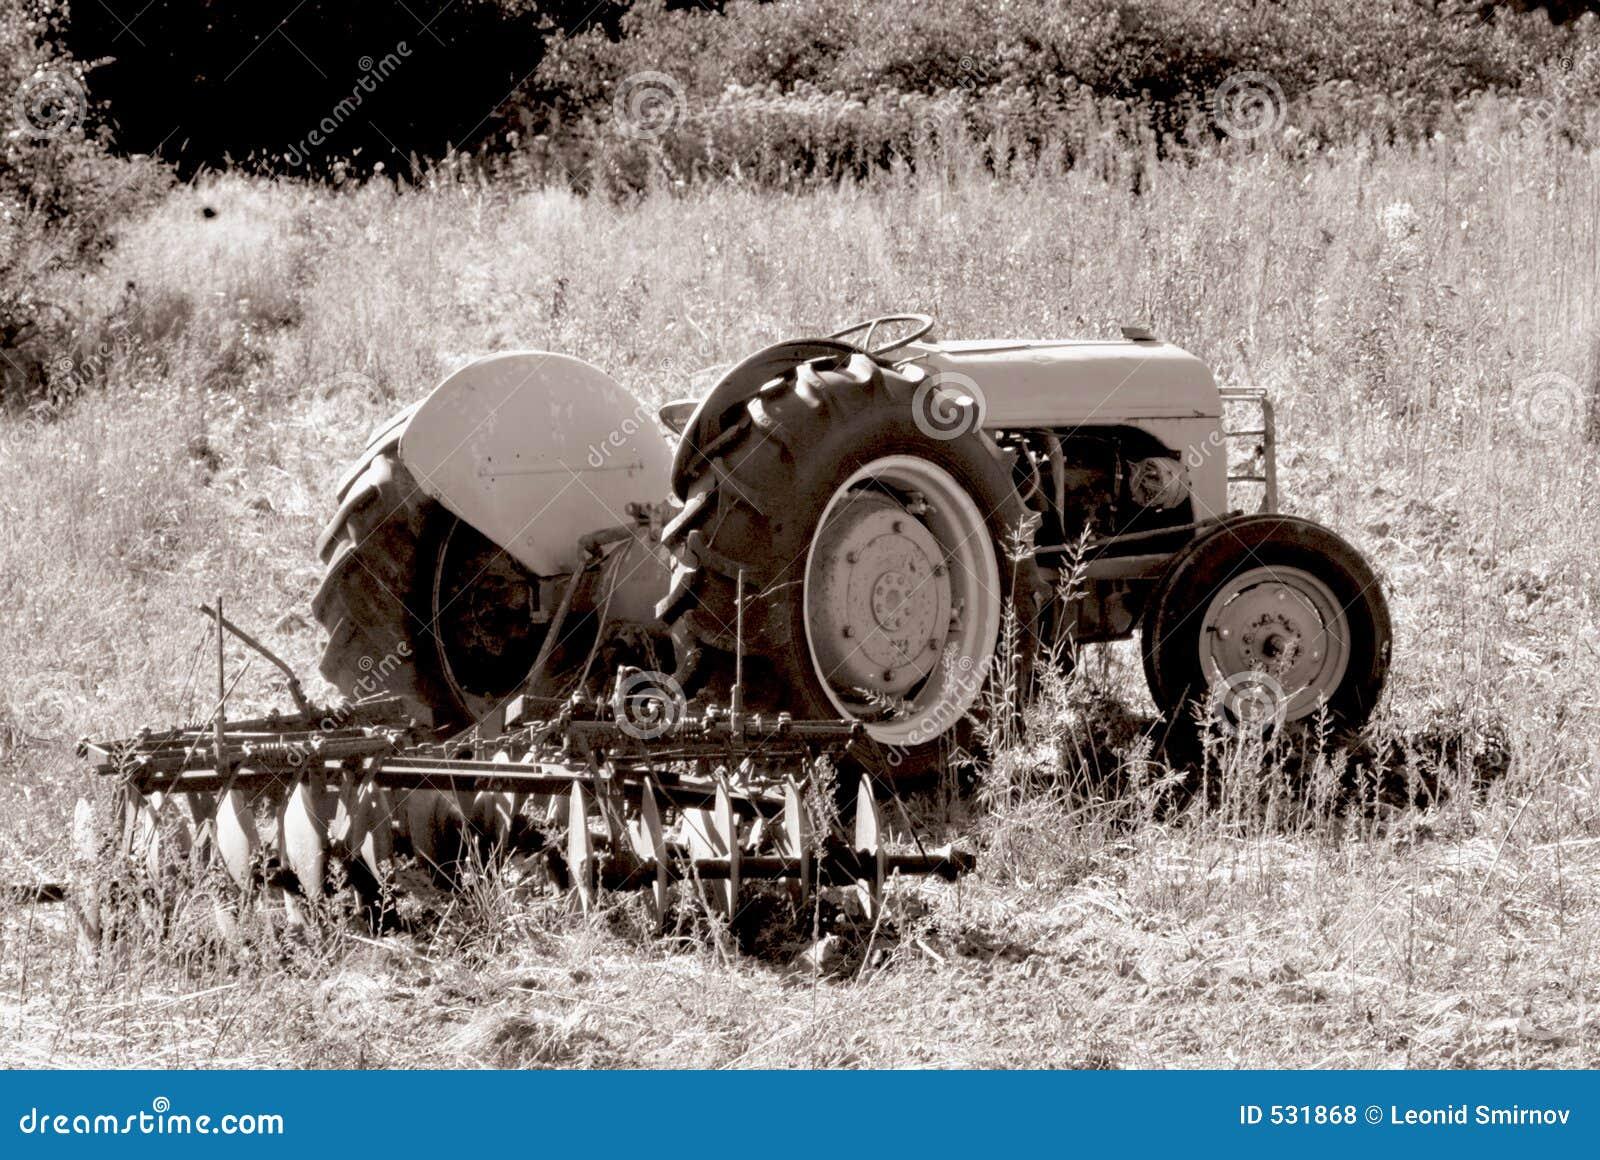 Download 1台老拖拉机 库存照片. 图片 包括有 设备, 犁耙, 农田, 反气旋, 灰色, 投反对票, 收获, 大农场 - 531868